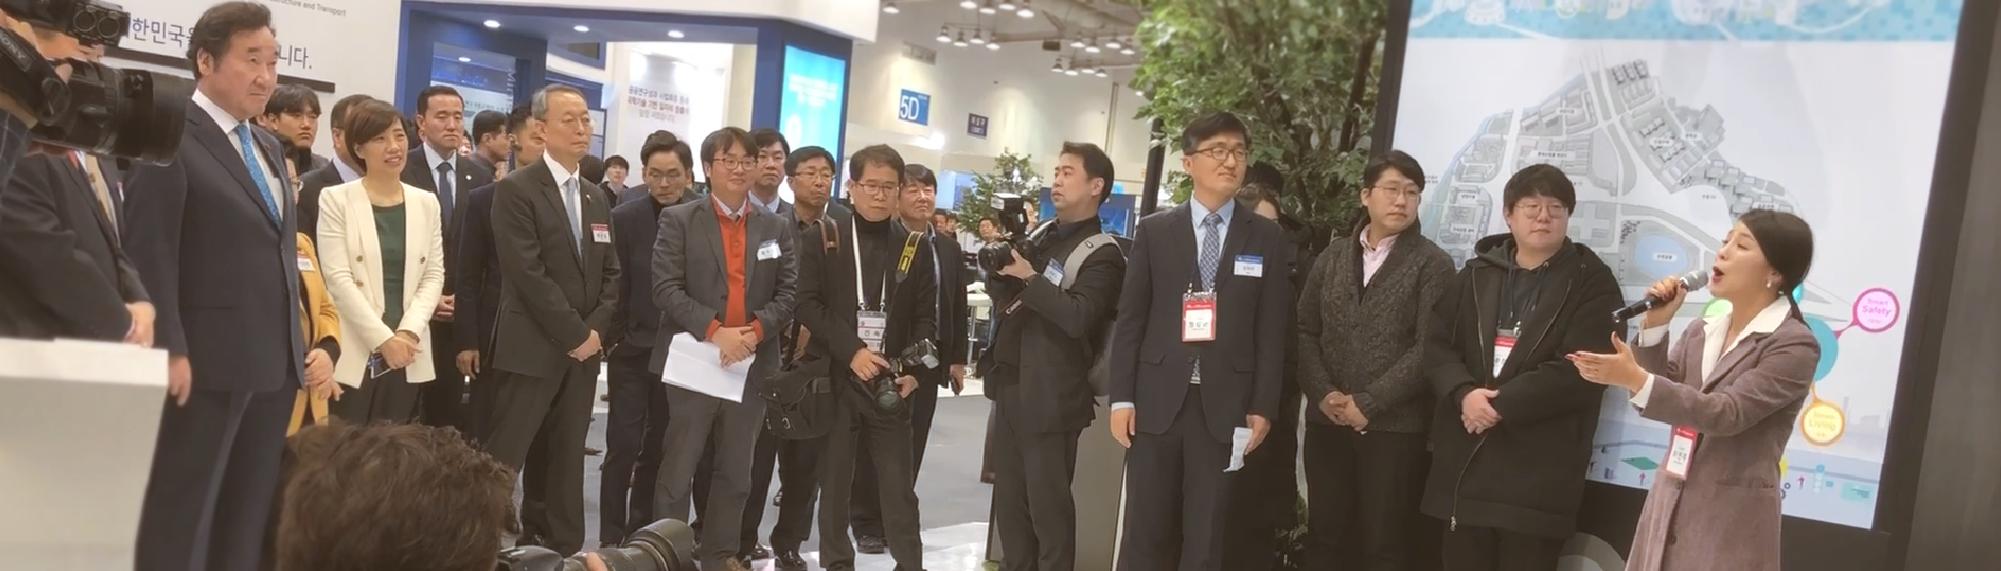 2017 대한민국 균형발전 박람회